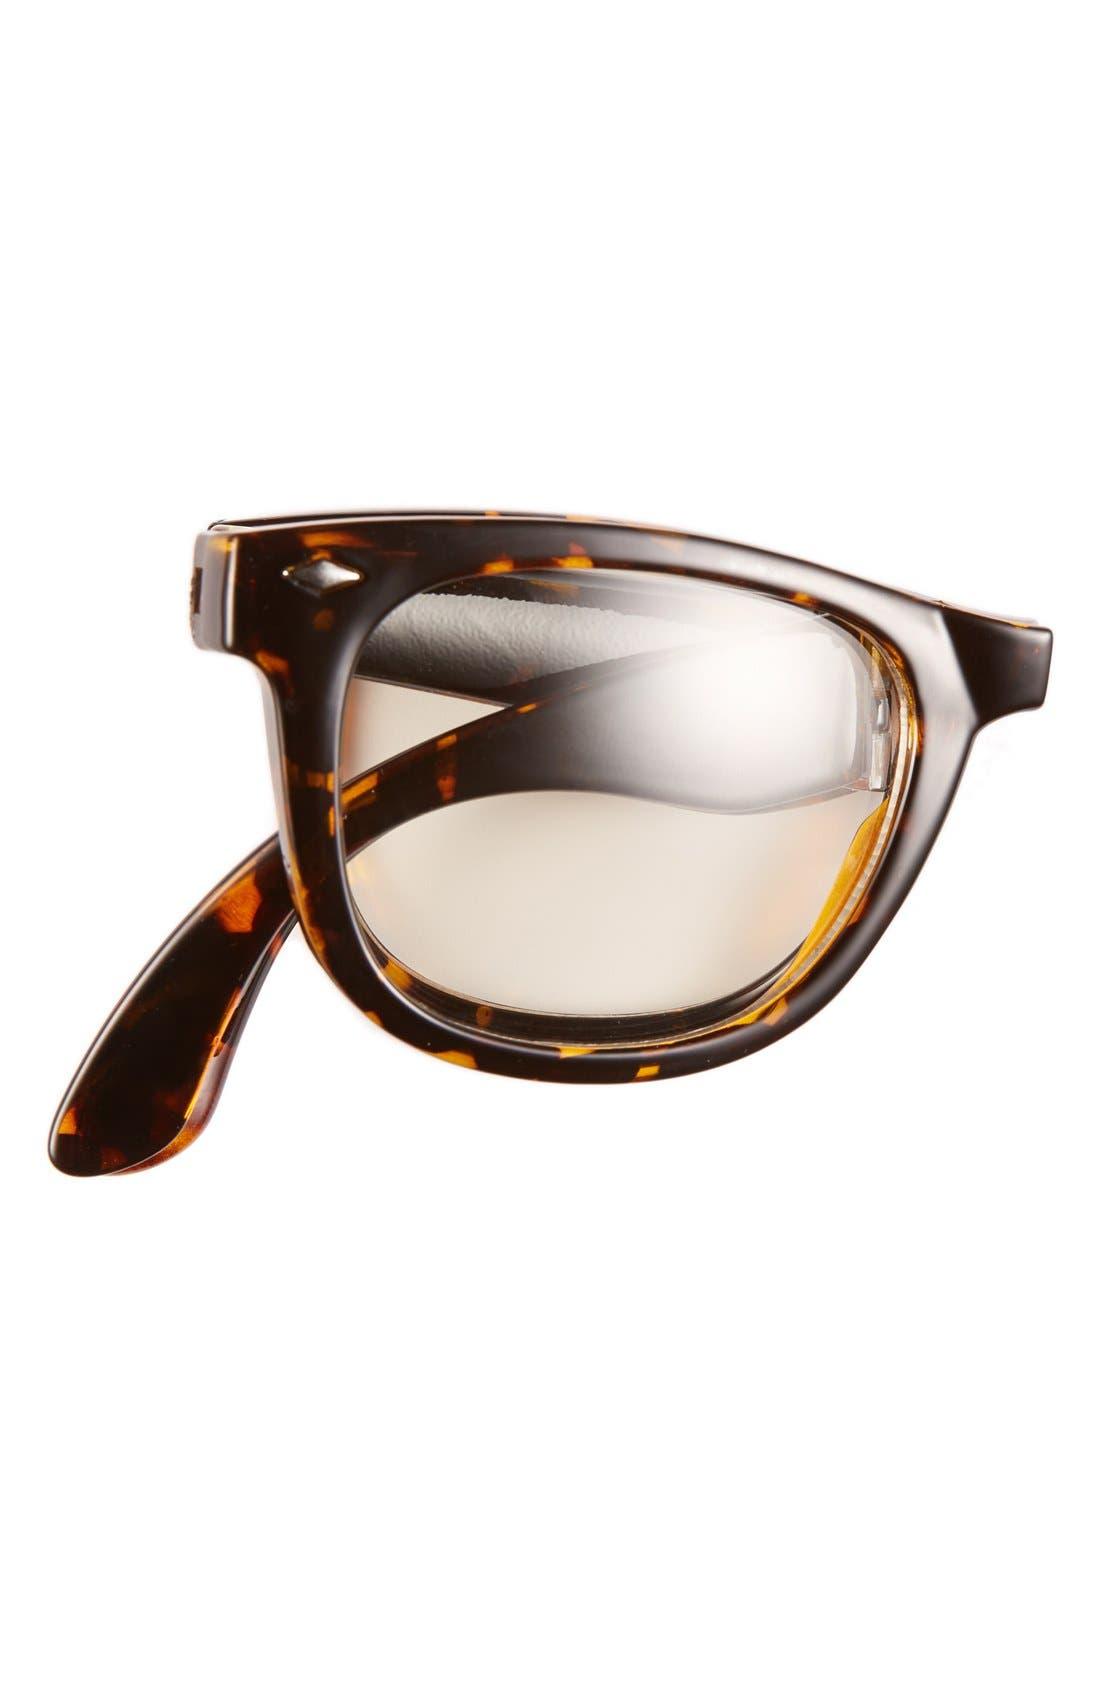 Alternate Image 2  - Icon Eyewear 'Ethan - Tortoise Tortoise' Foldable Glasses